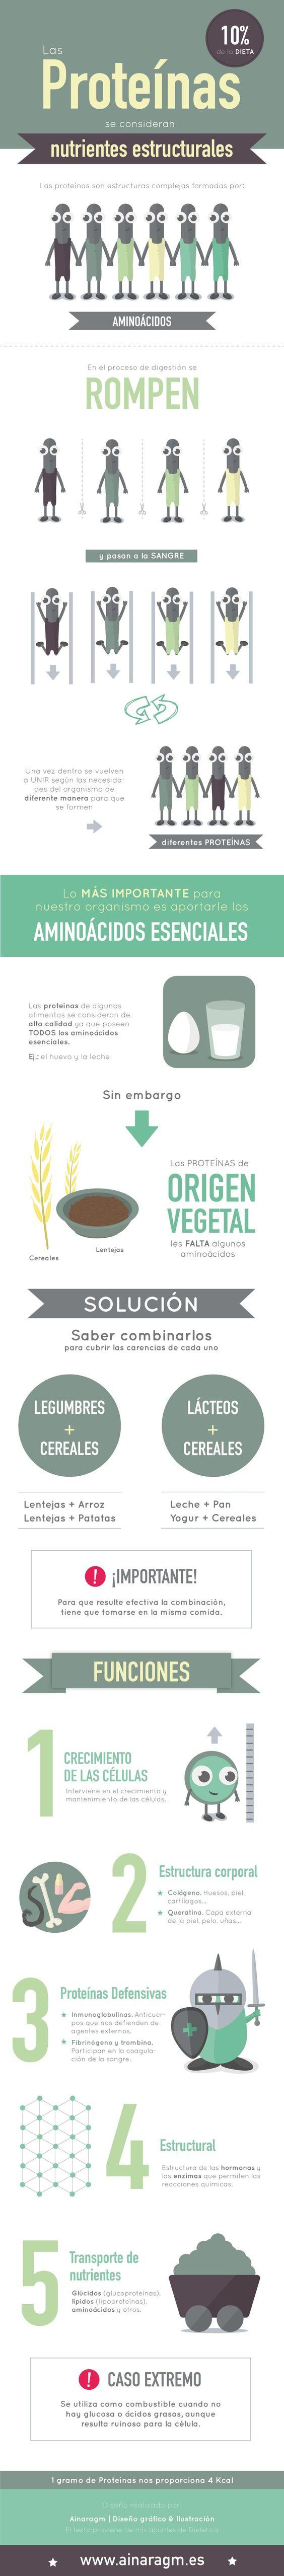 Todo lo que necesitas saber de las #proteínas en una sola imagen. #Dieta #Rebajar #Musculo